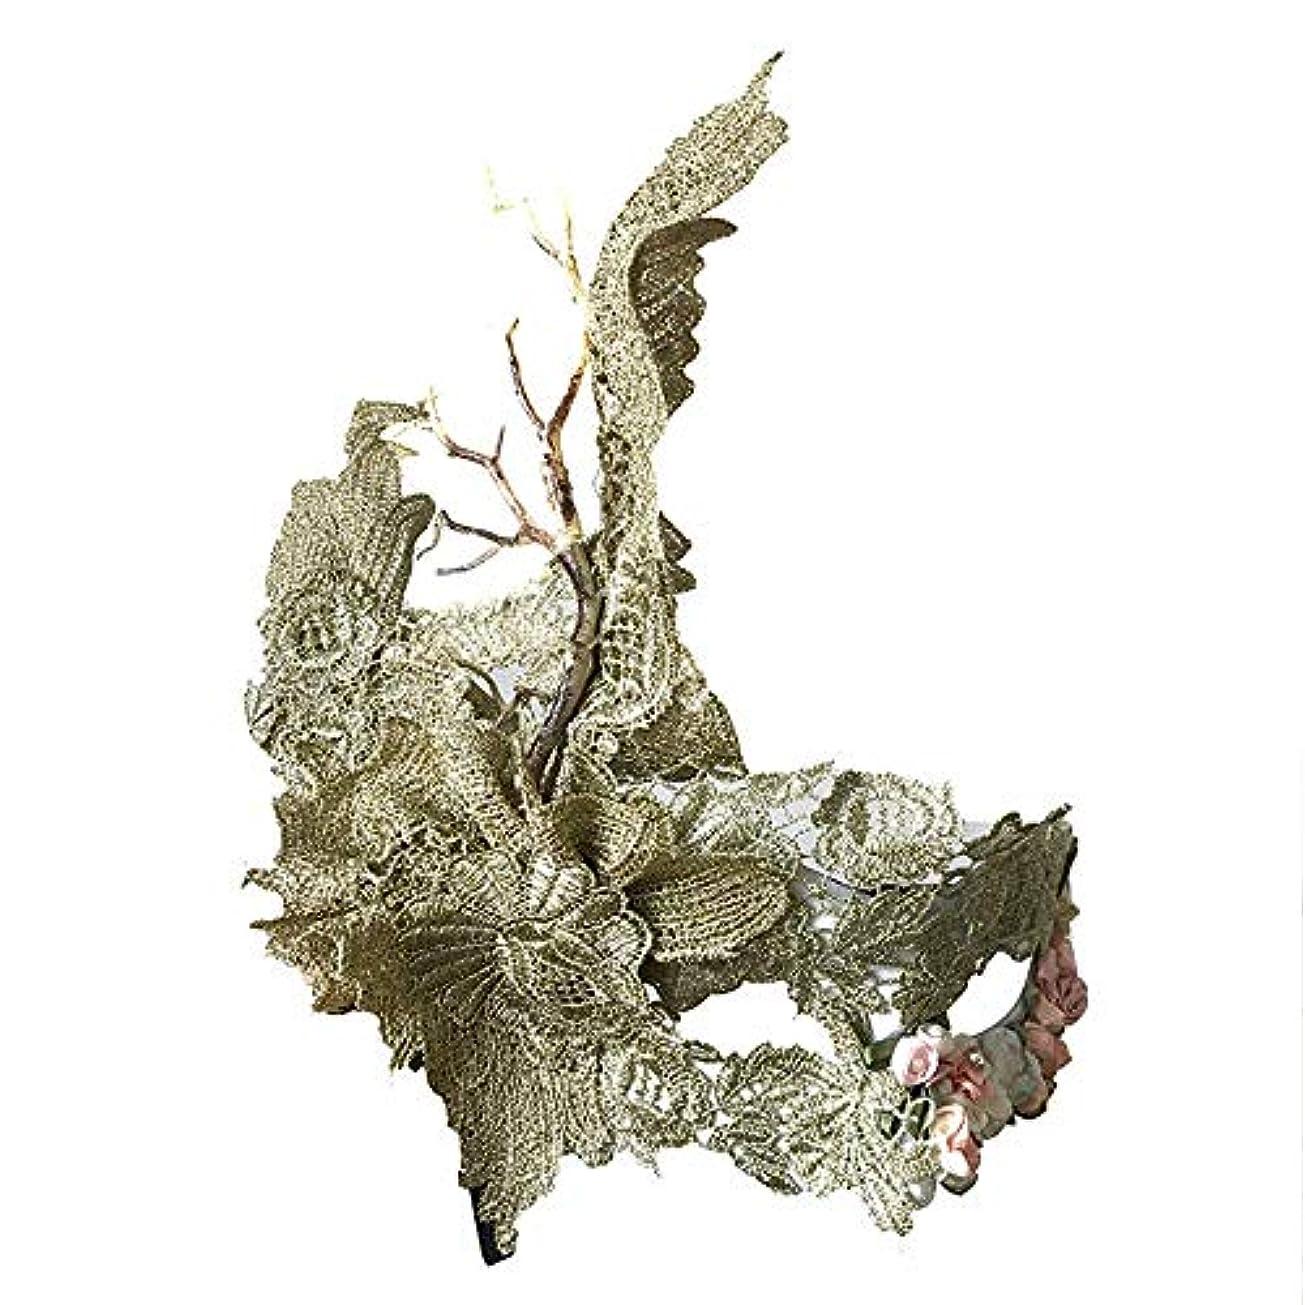 発生書士減るNanle ハロウィーン手刺繍乾燥ブランチマスク仮装マスクレディミスプリンセス美容祭パーティー装飾マスク